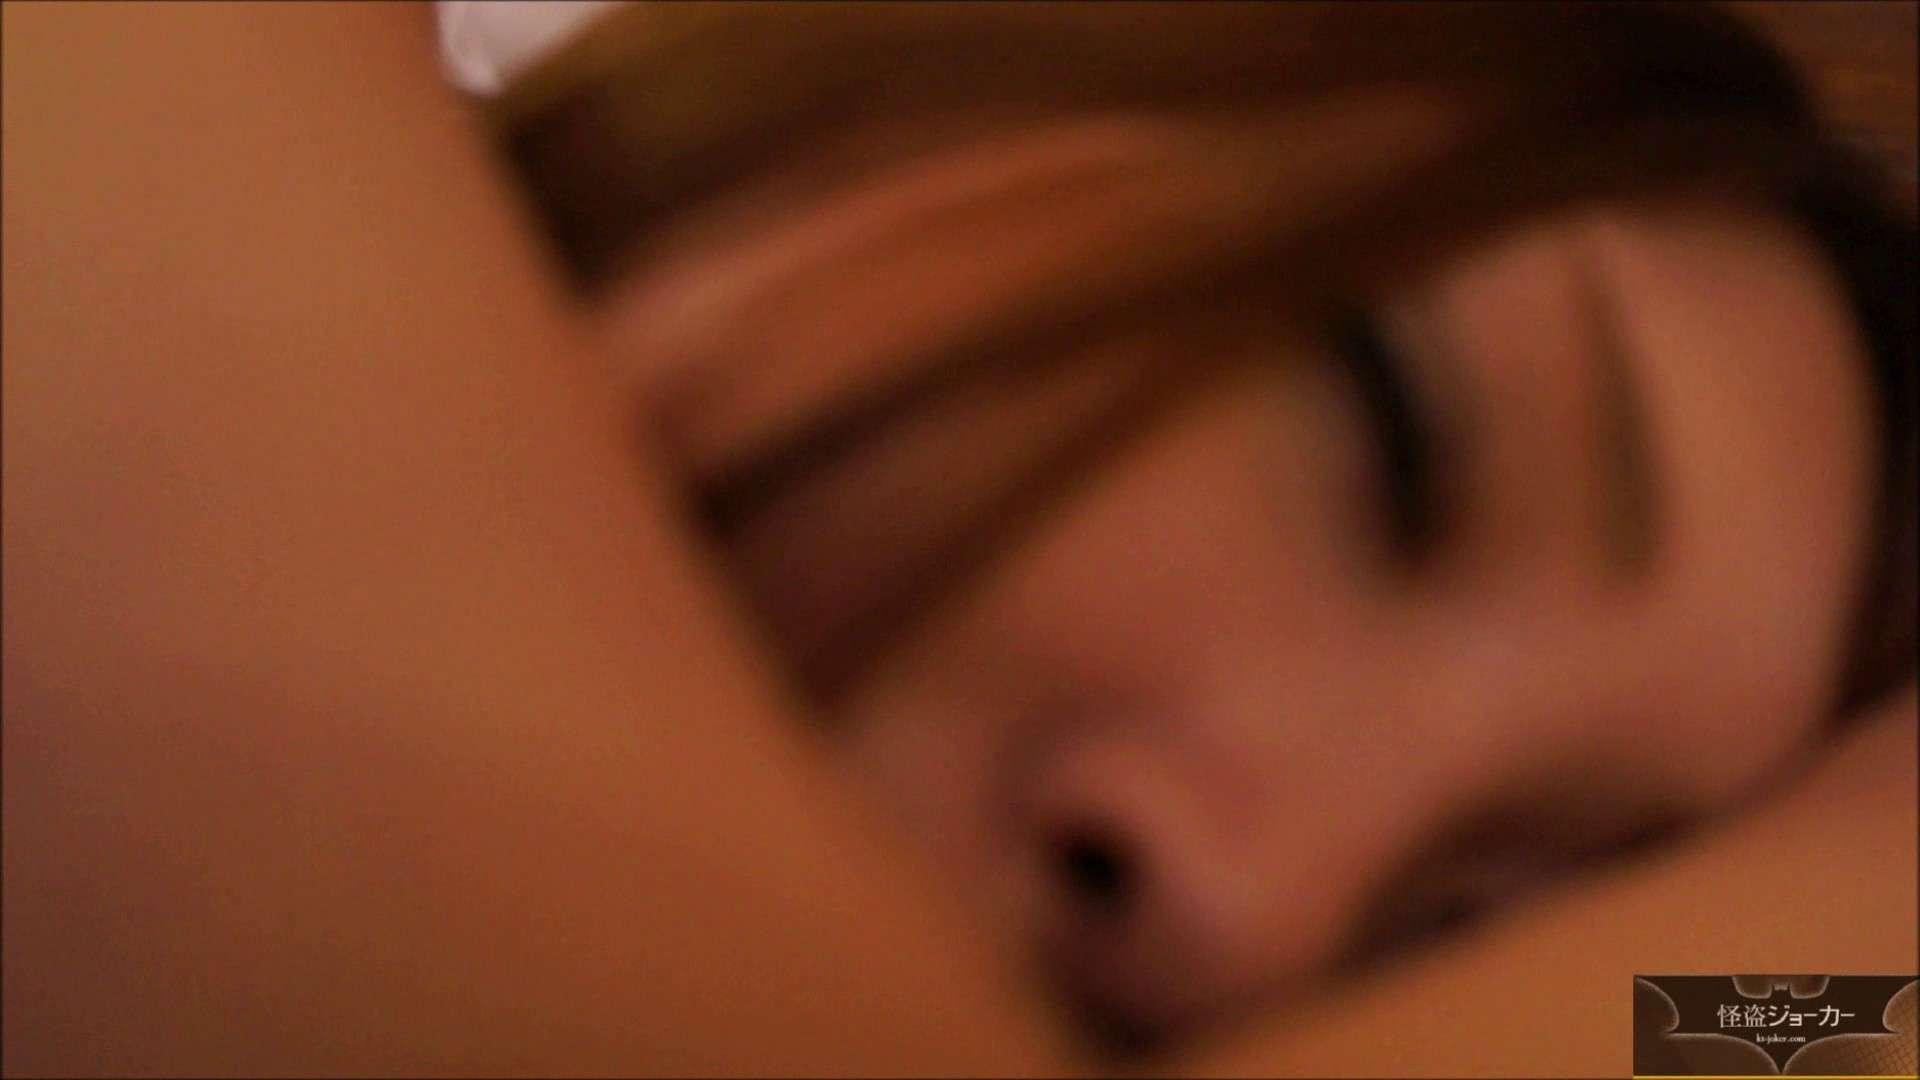 【未公開】vol.11 【美人若妻】早苗さん・・・誘われた夜。 美肌 オマンコ動画キャプチャ 99枚 58